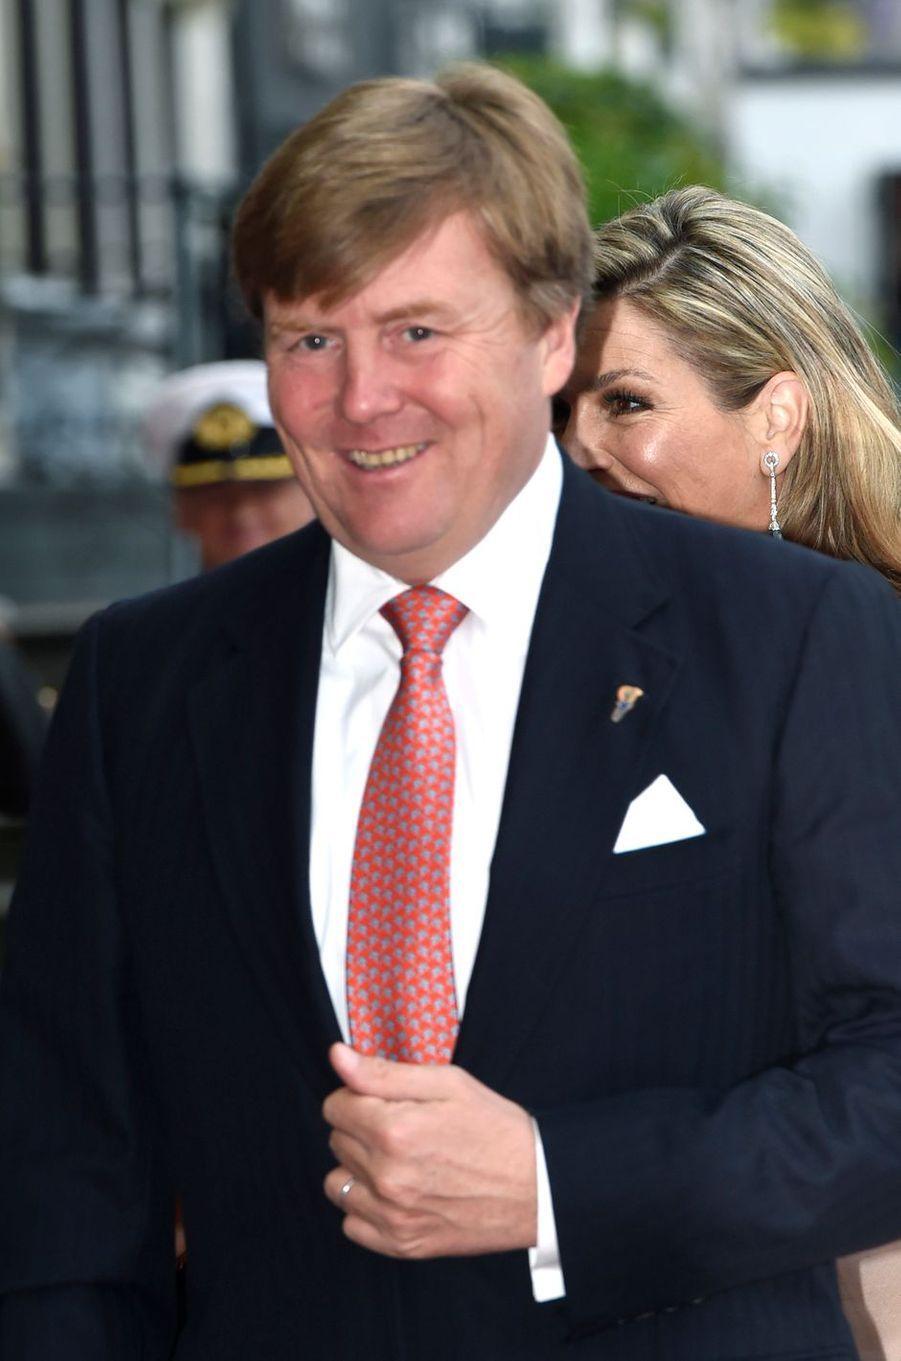 Le roi Willem-Alexander des Pays-Bas à Amsterdam, le 5 mai 2017